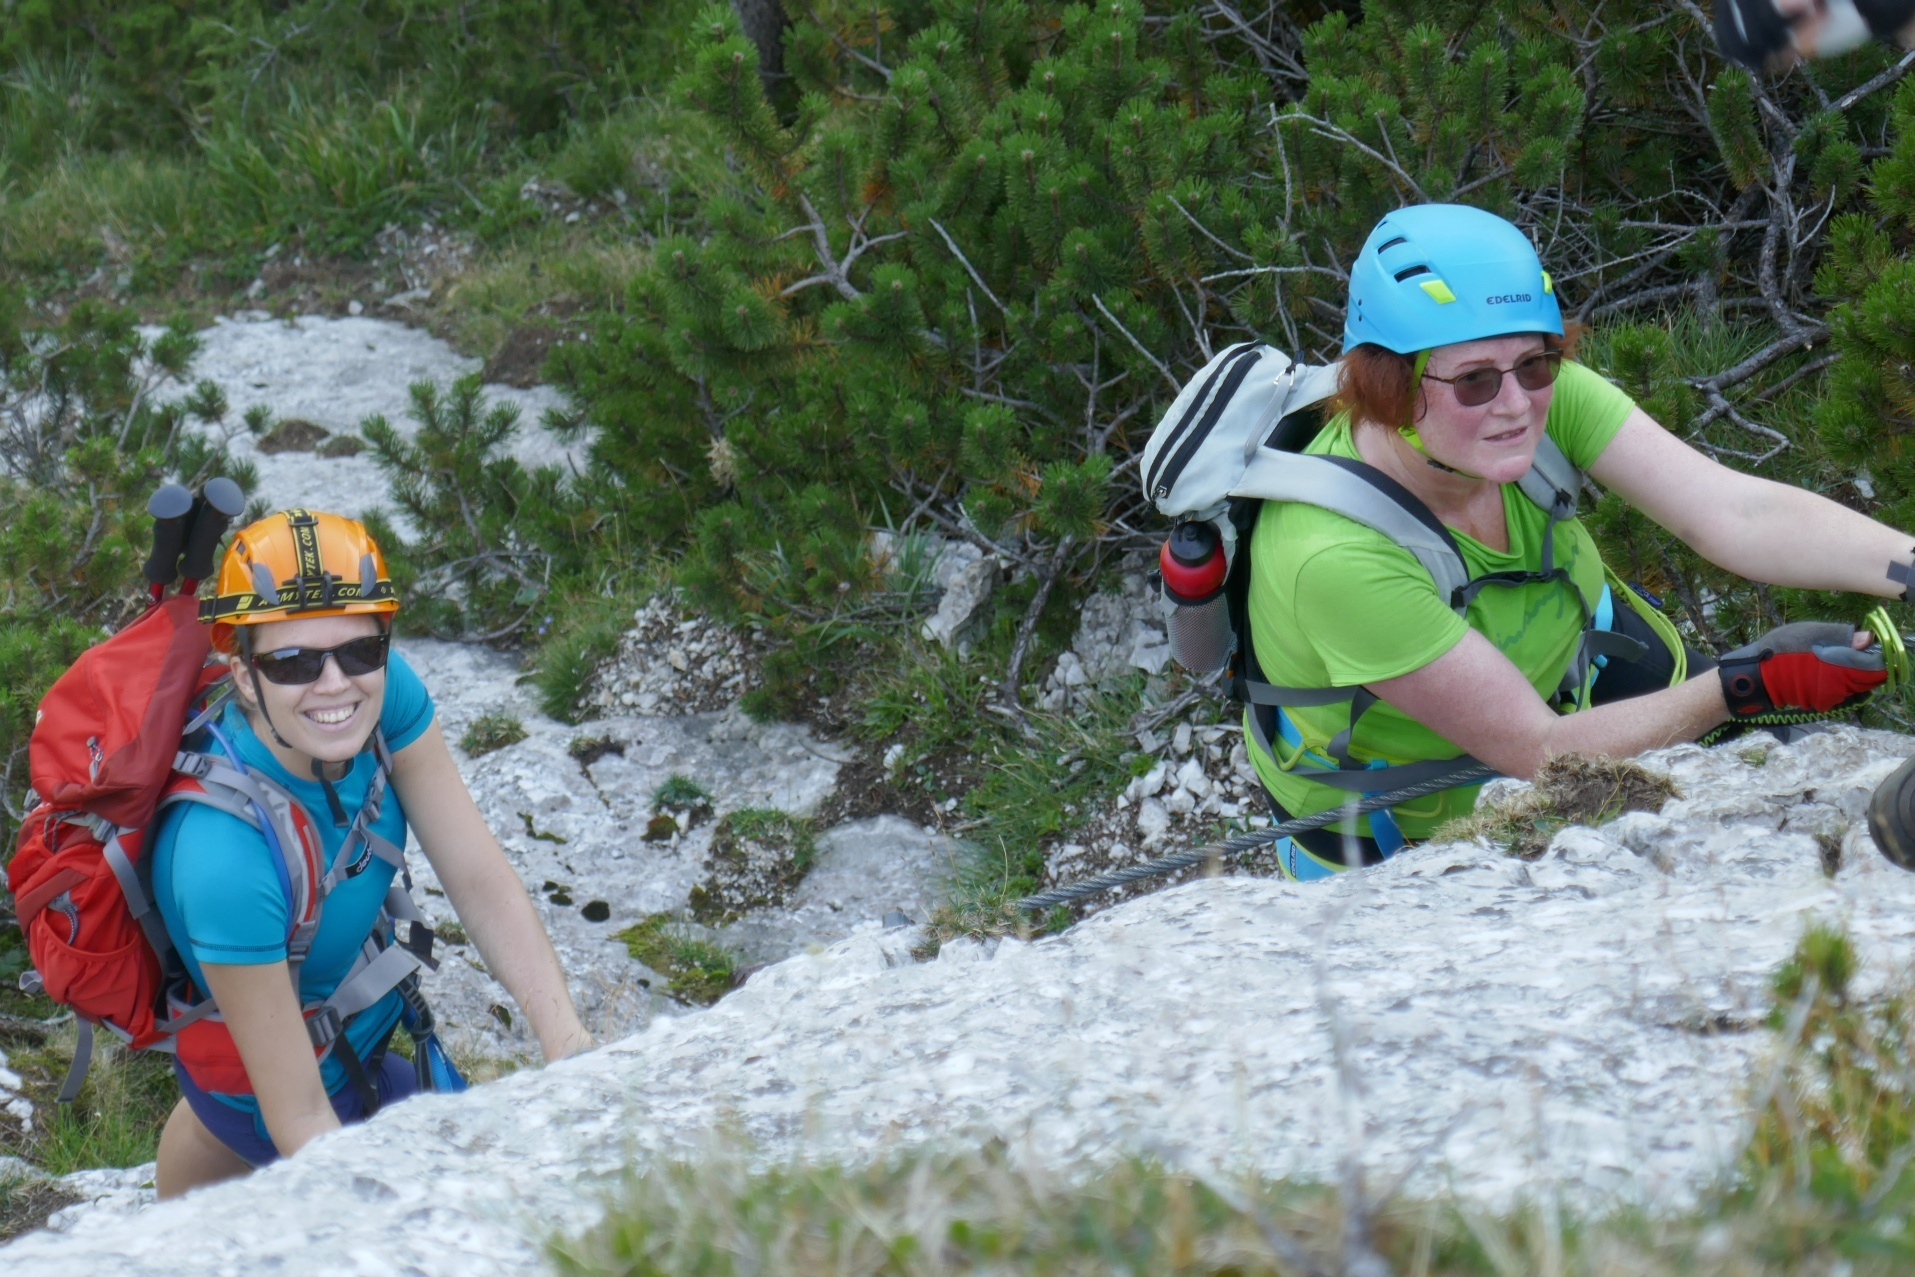 Klettersteig Katrin : Alpin klettersteig katrin mit einer majestätischen gipfelkreuz und